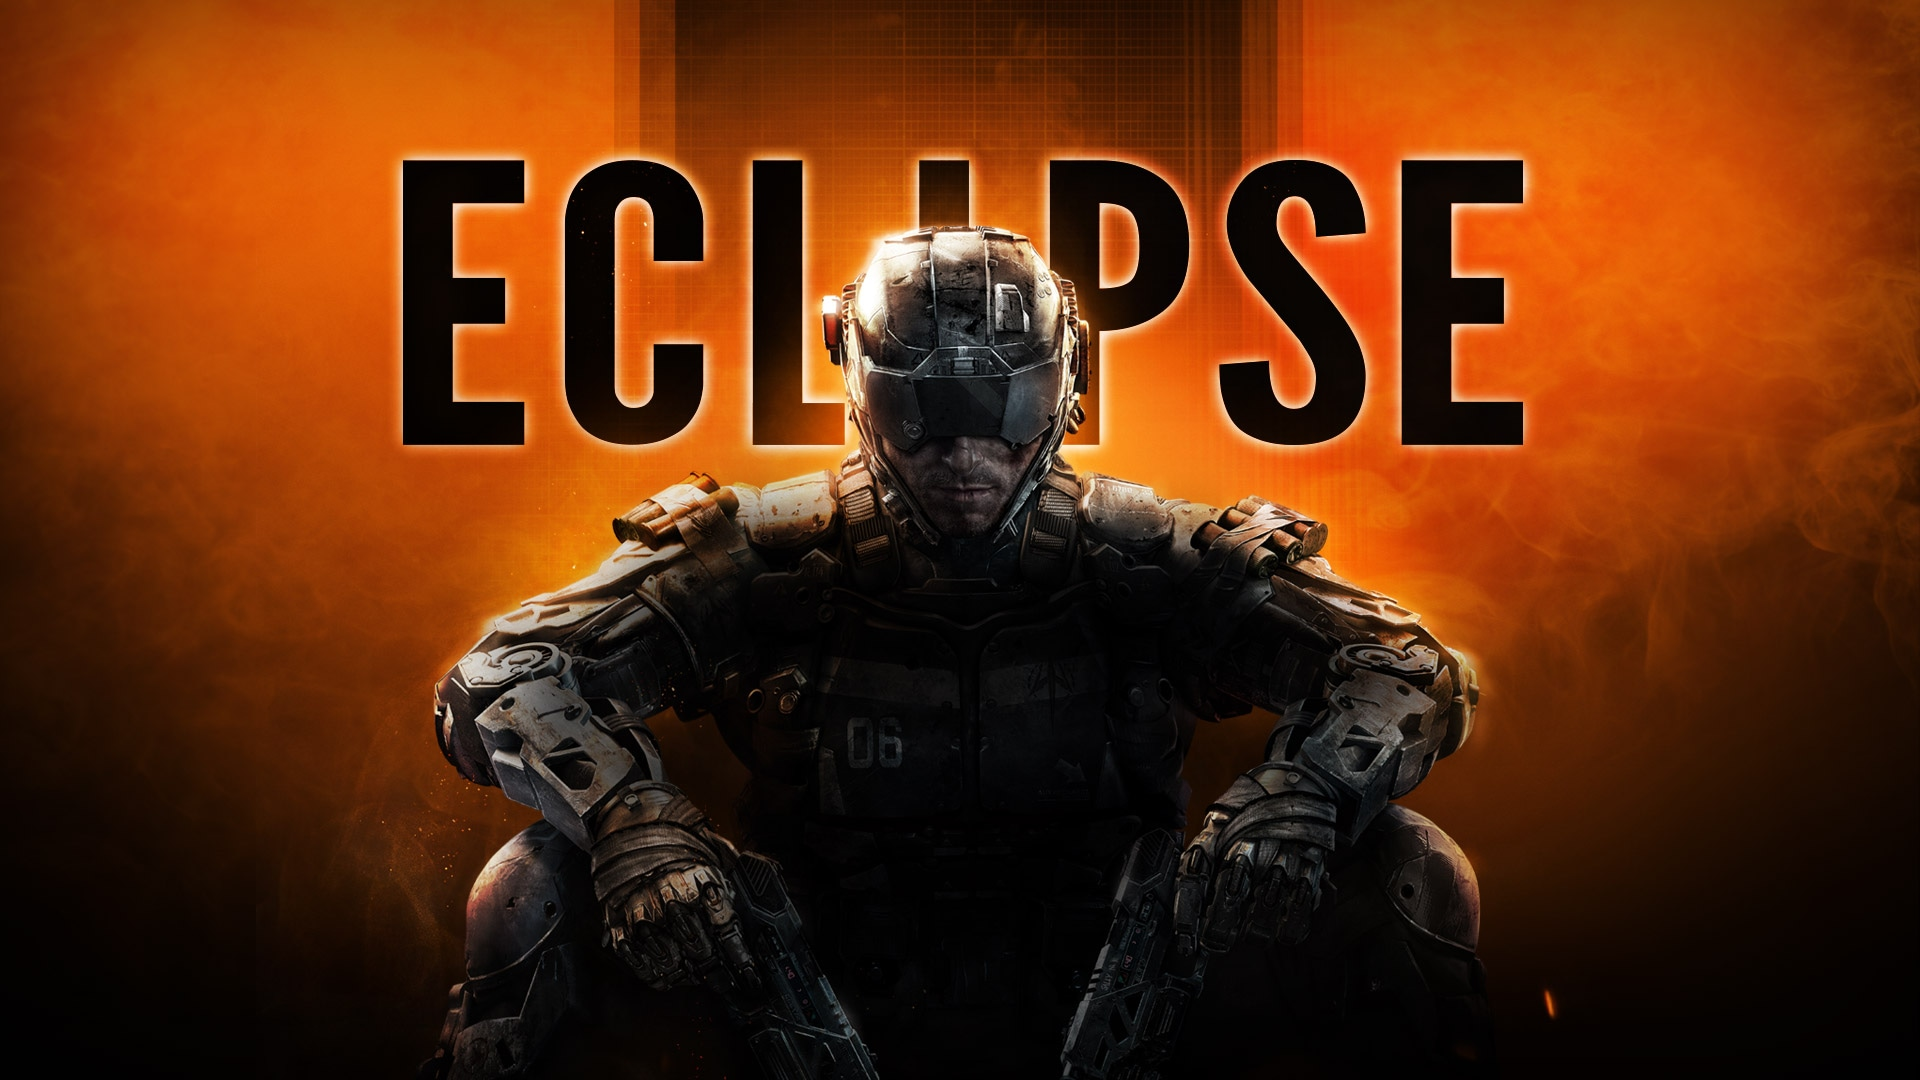 Вышло дополнение Eclipse для Call of Duty: Black Ops III